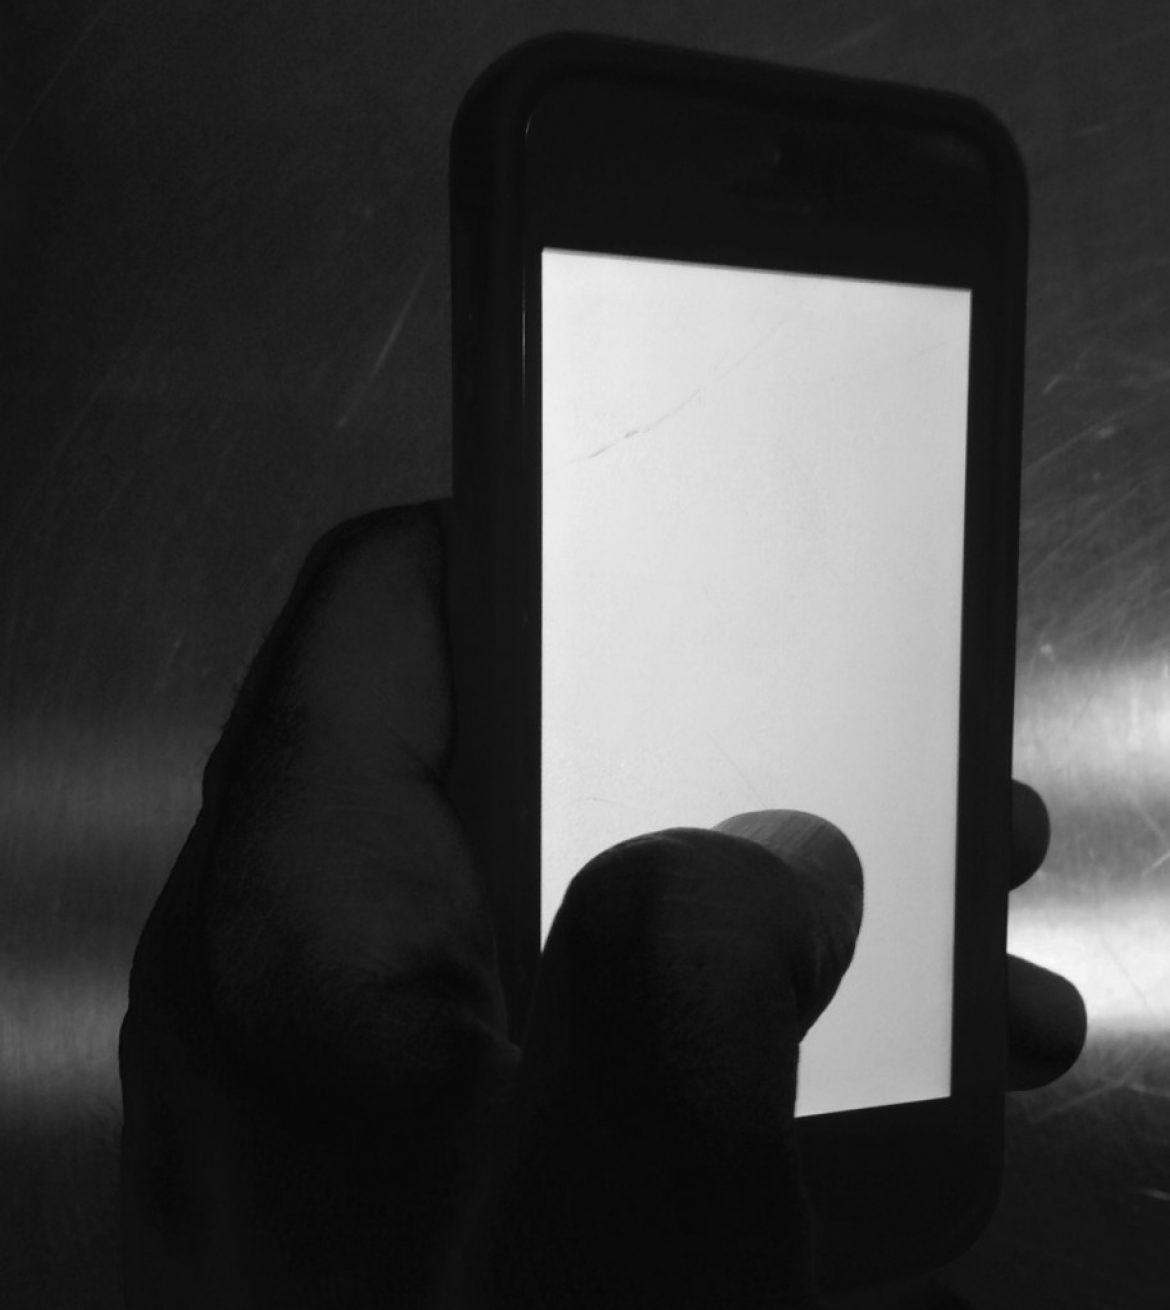 Controla los consumos energéticos desde el móvil